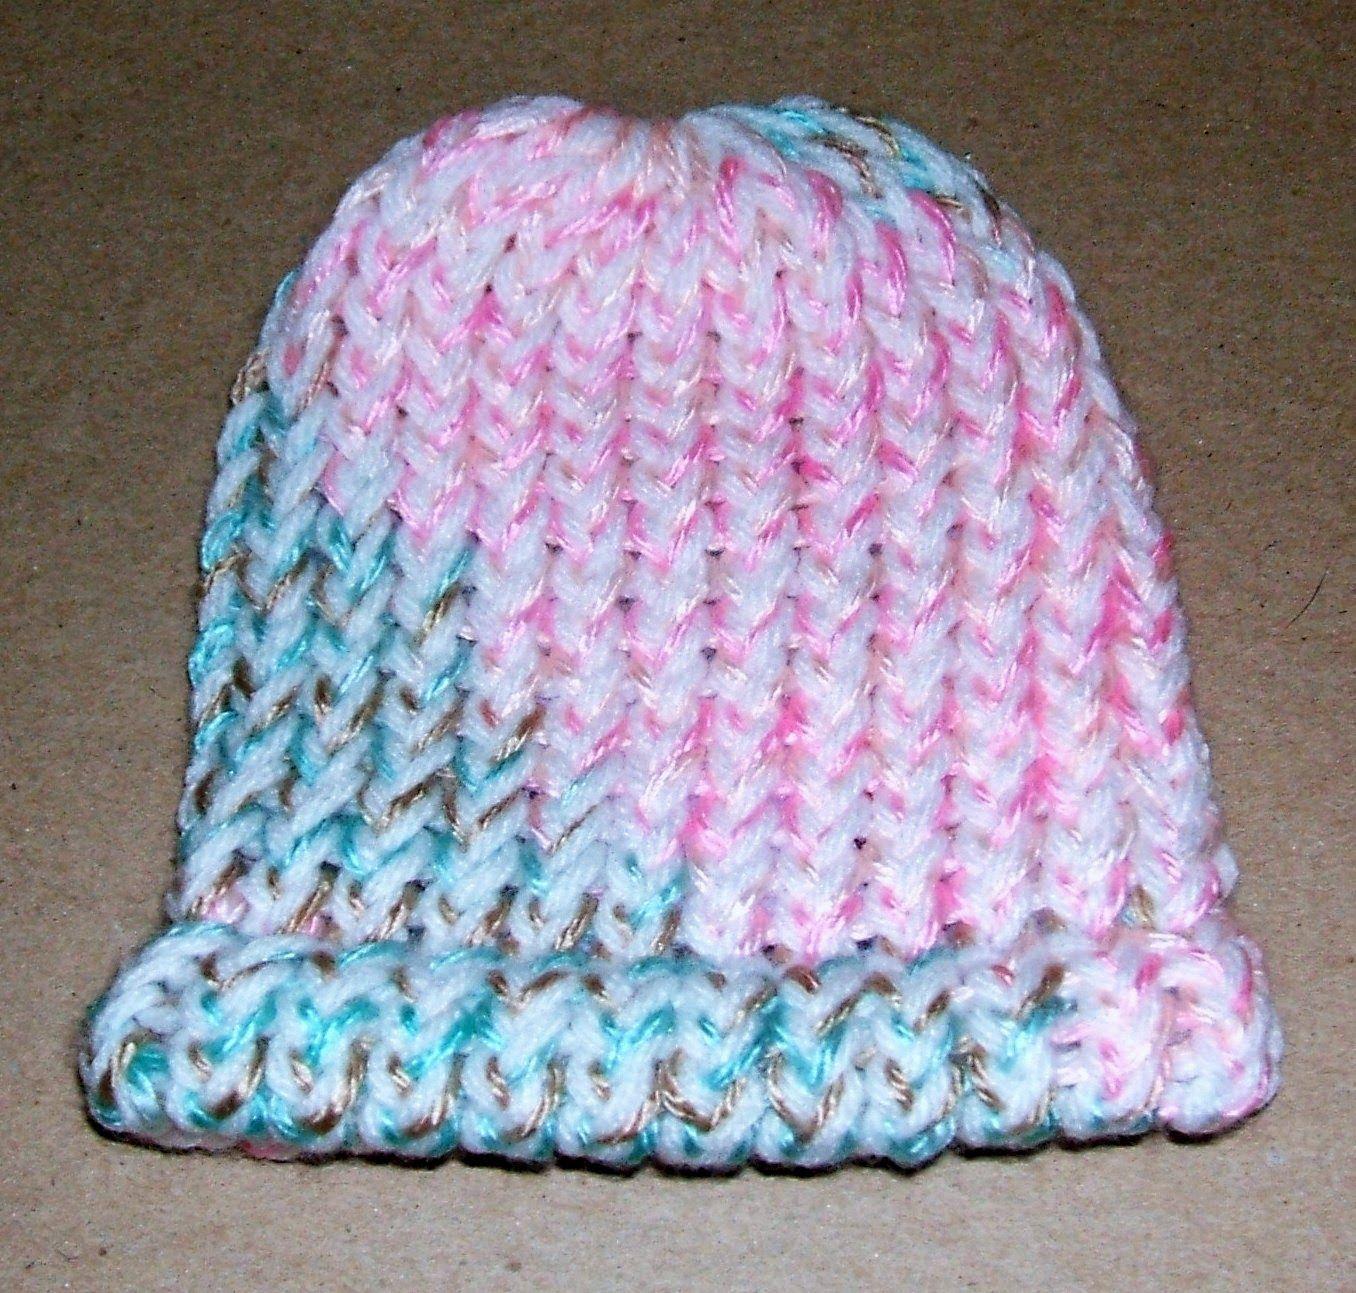 loom knit newborn hat   Loom knit hat, Loom knitting, Loom ...